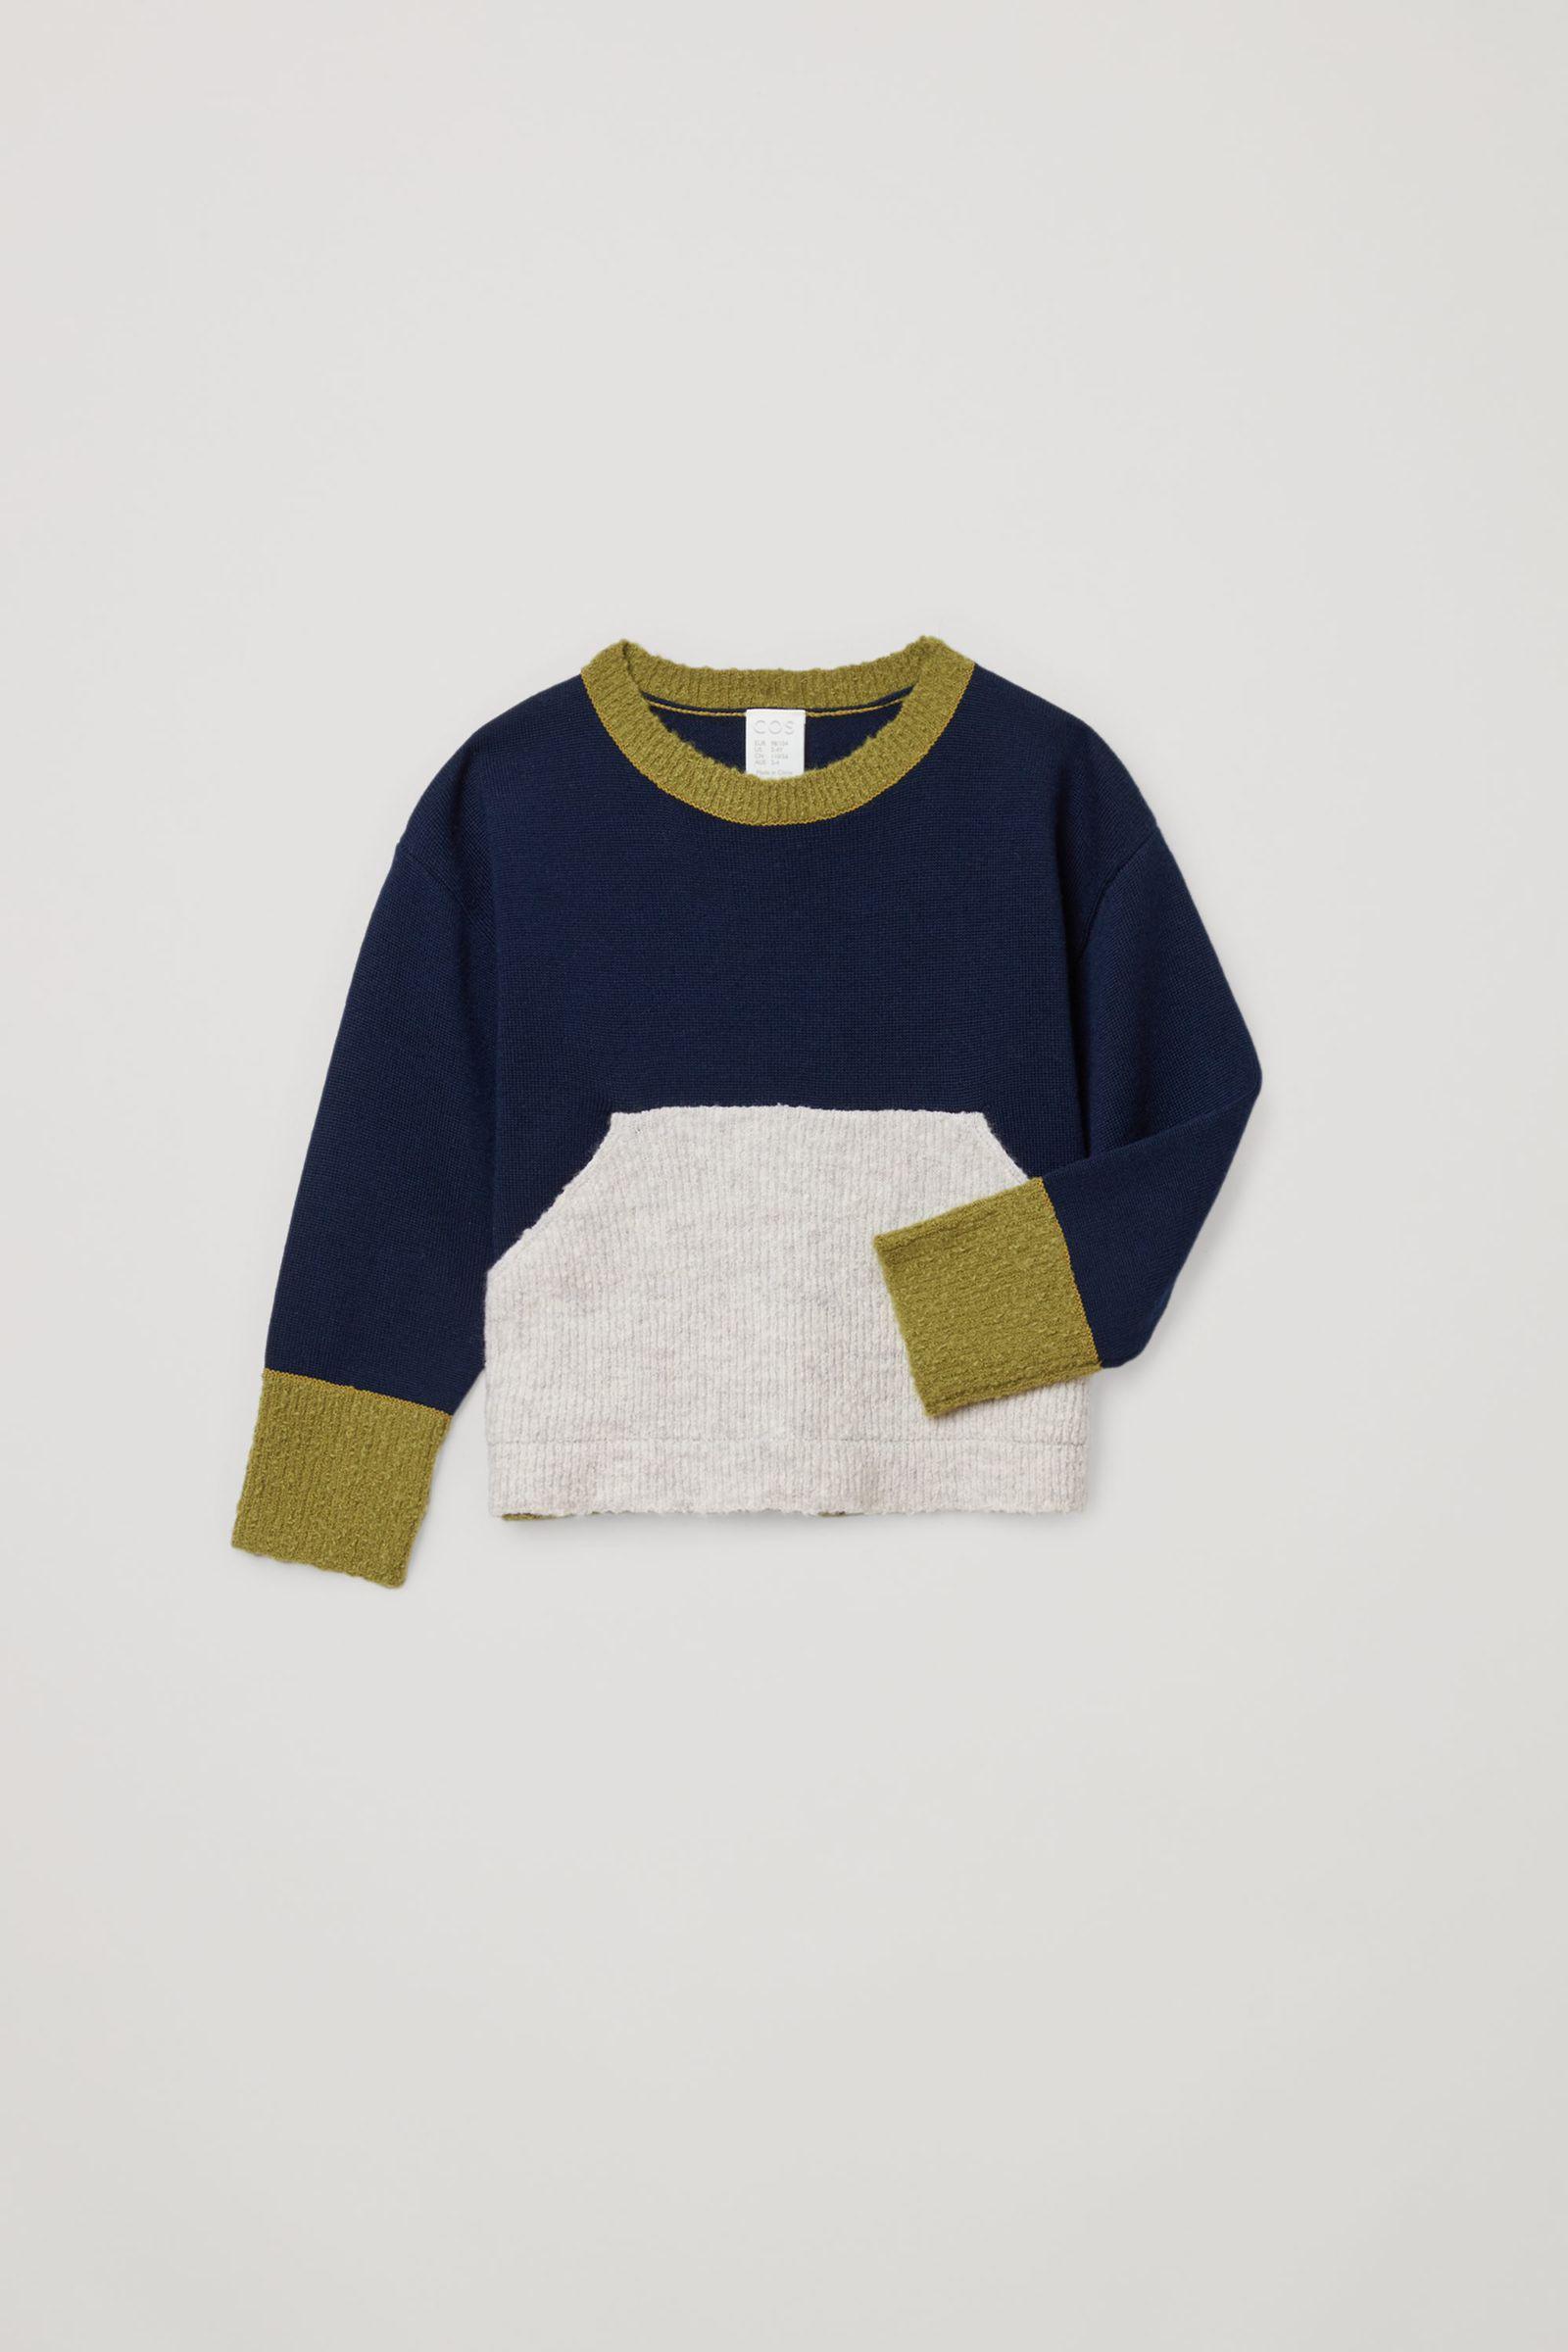 COS 컬러 블록 메리노 스웨터의 네이비 / 그린 / 그레이컬러 Product입니다.